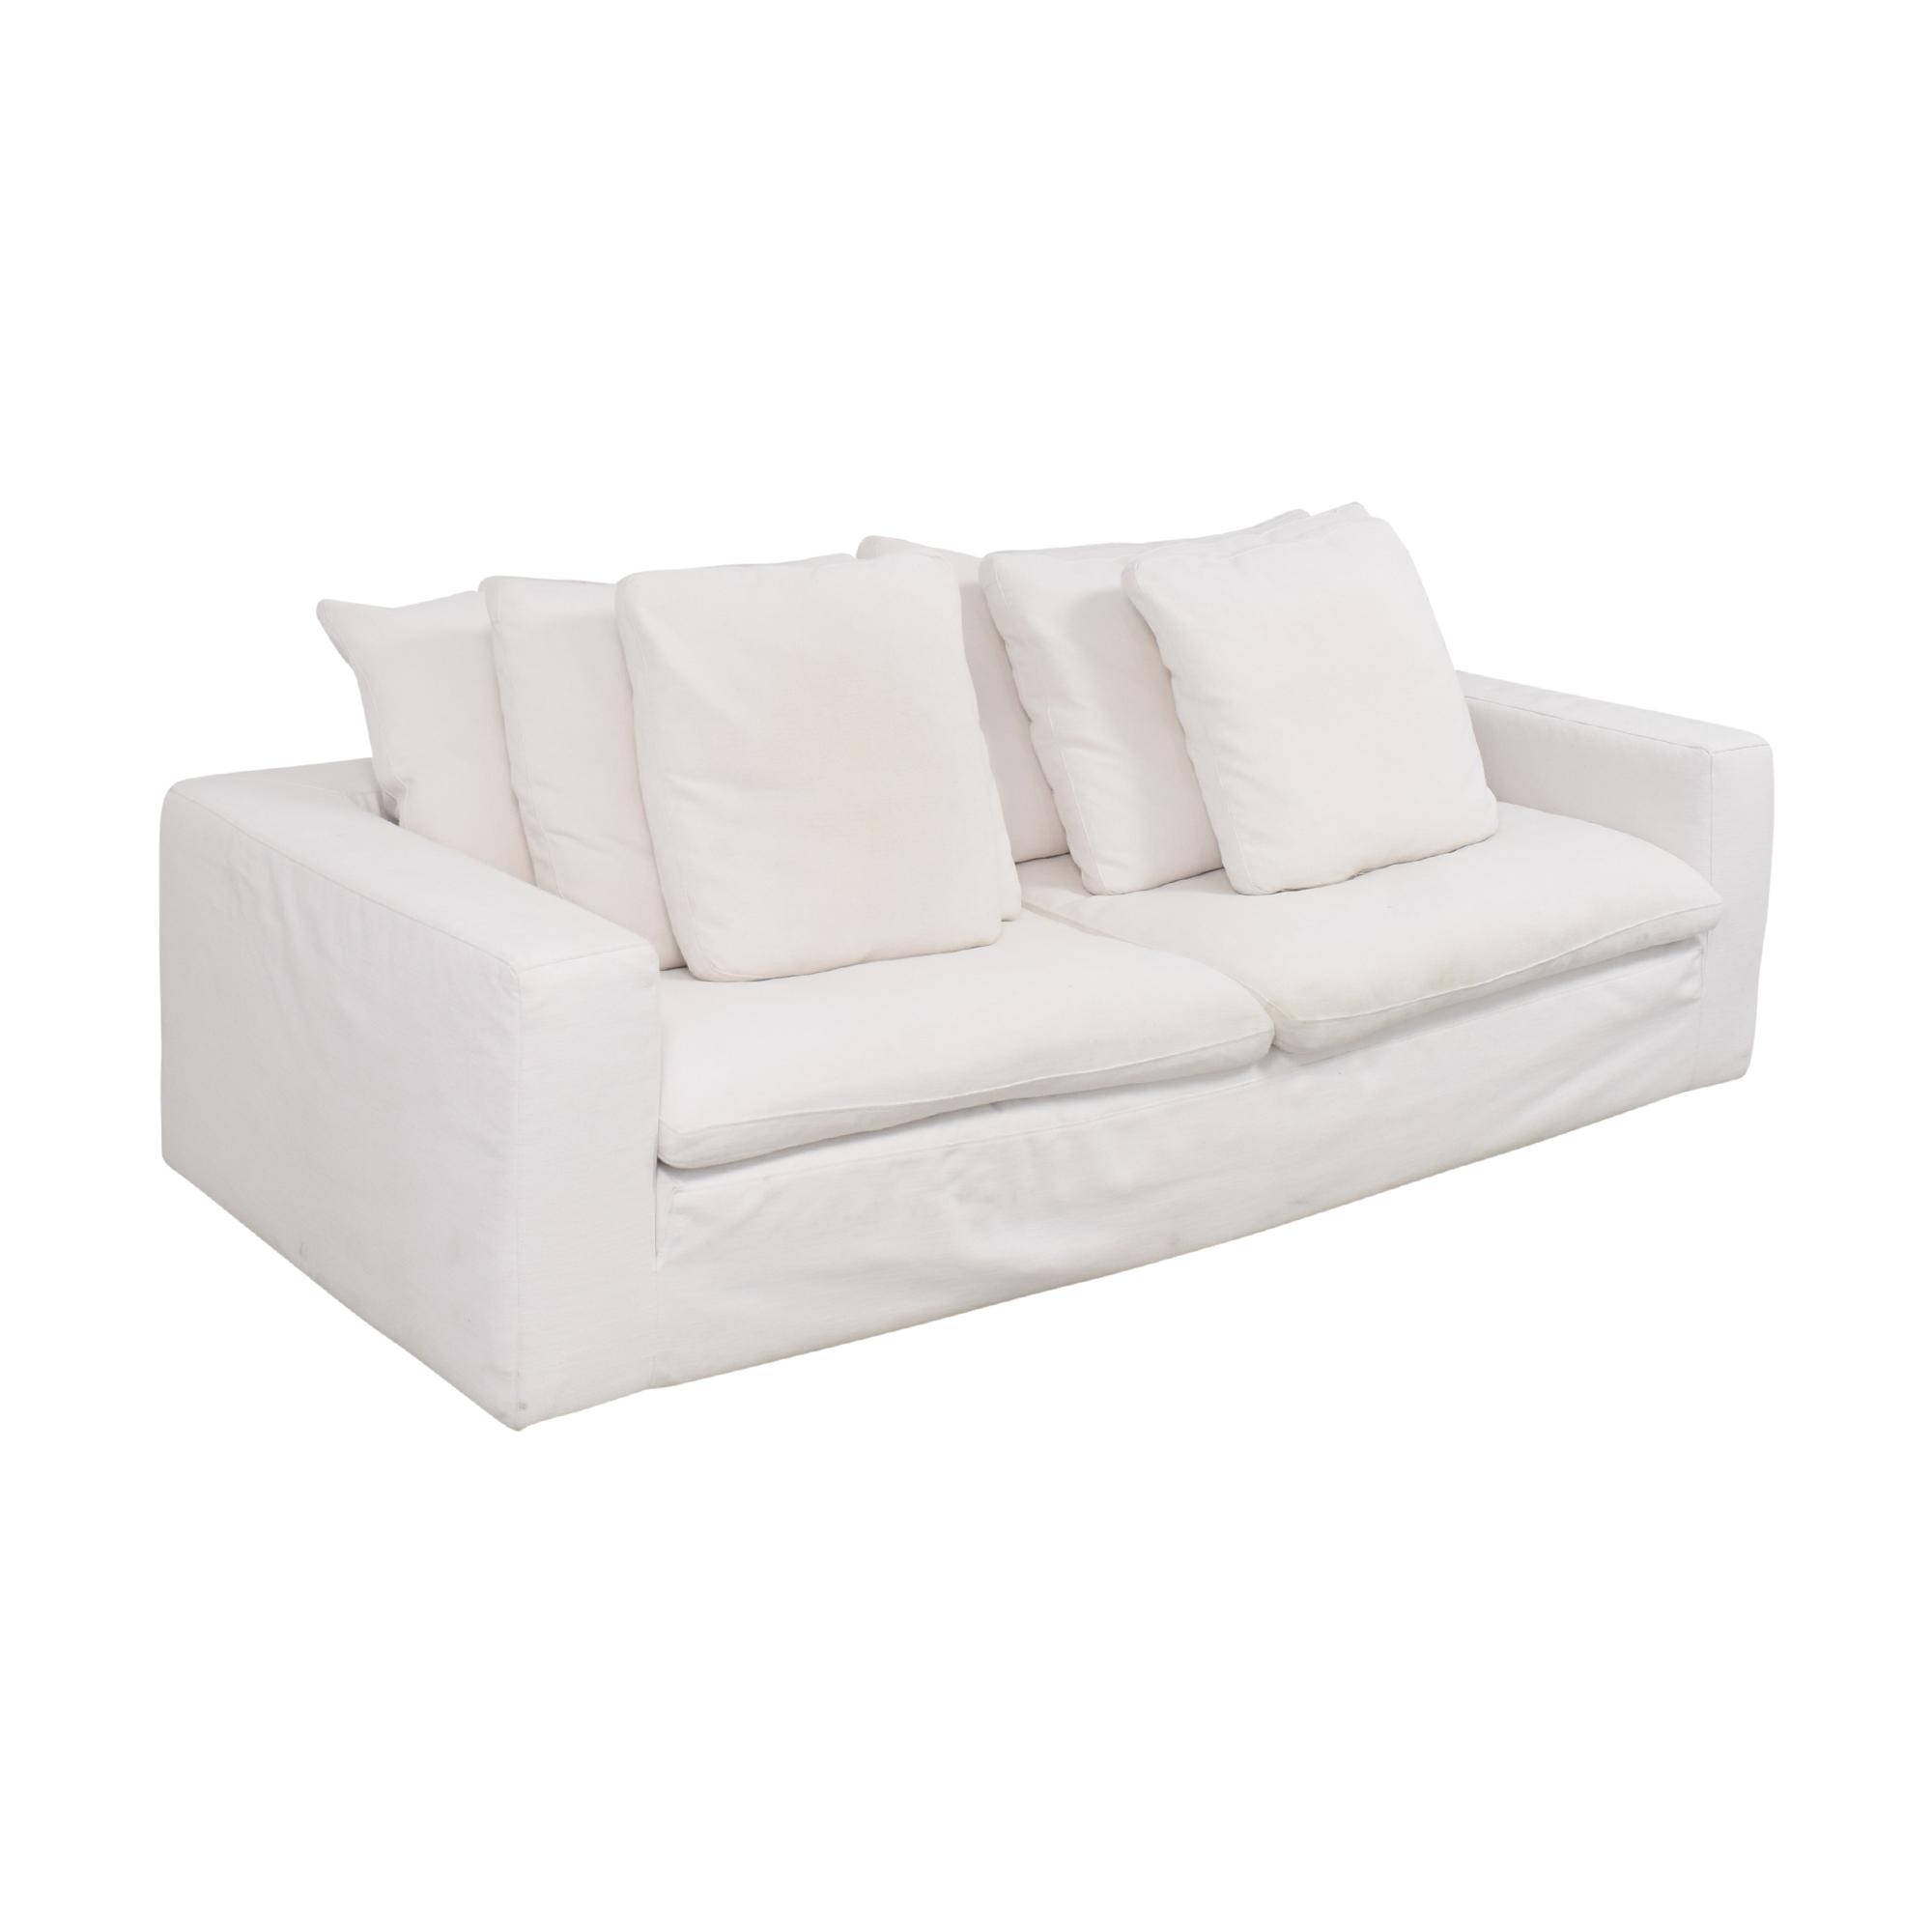 Restoration Hardware Restoration Hardware Cloud Two-Seat-Cushion Sofa white